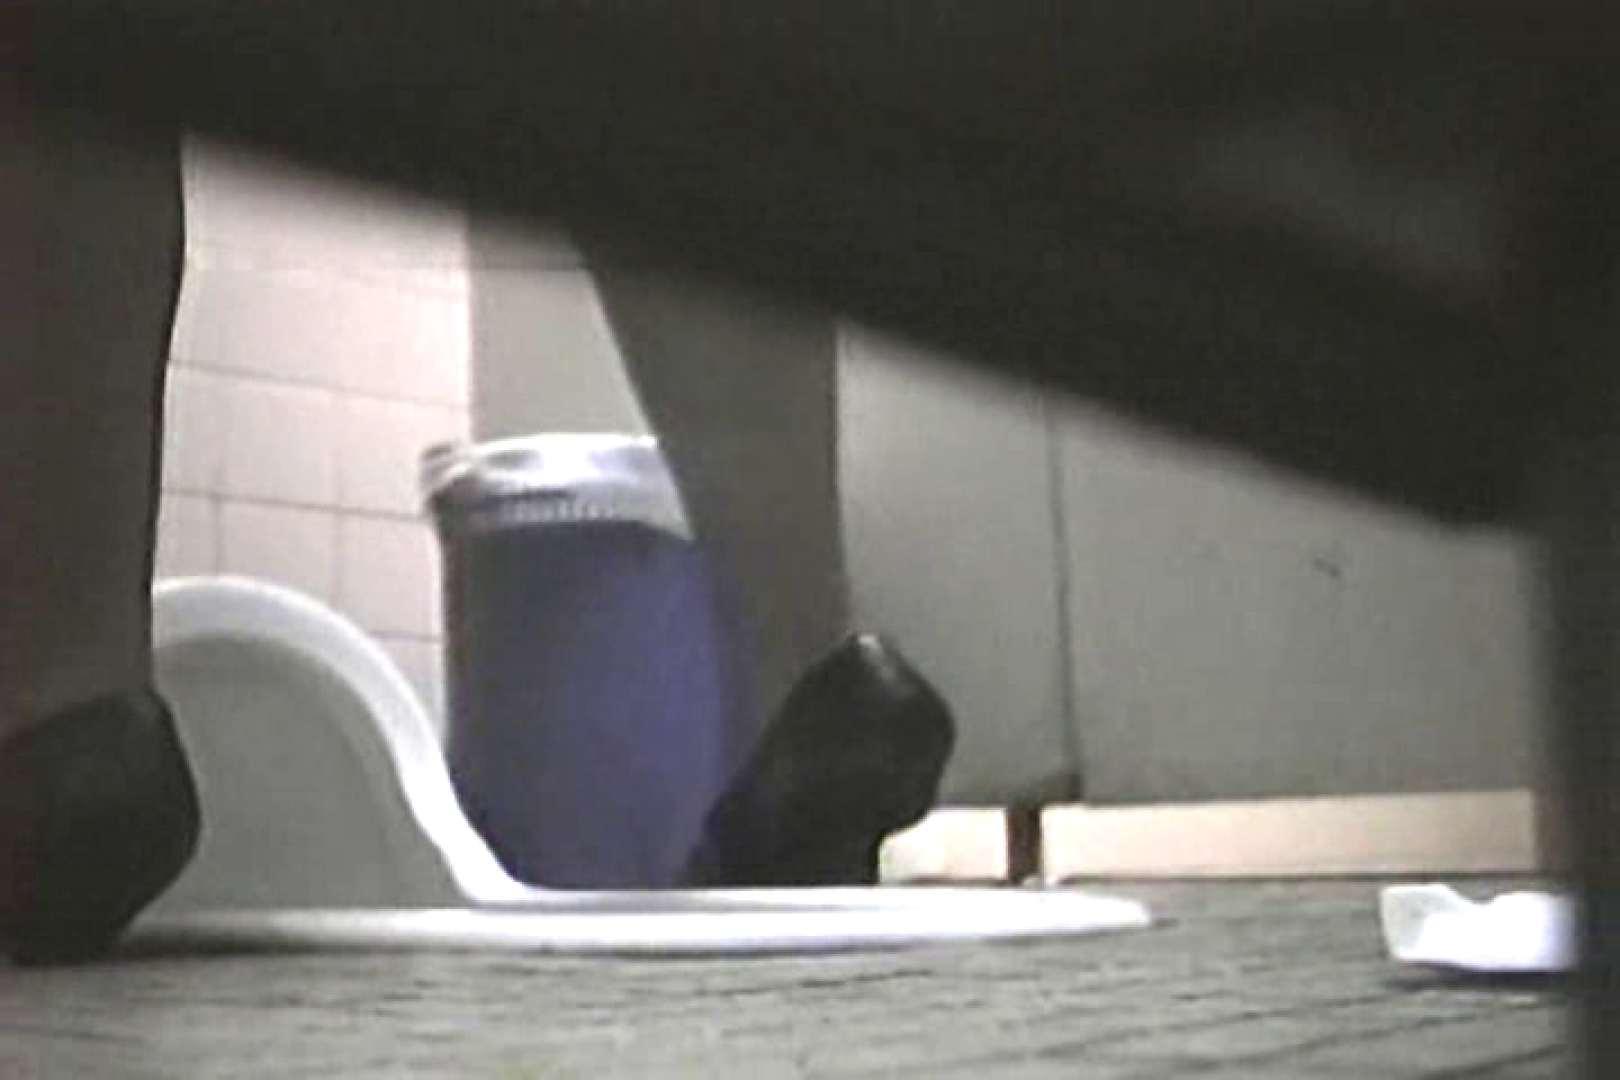 プロには撮れない女子洗面所の内部 TK-70 洗面所 | 和式  79連発 37